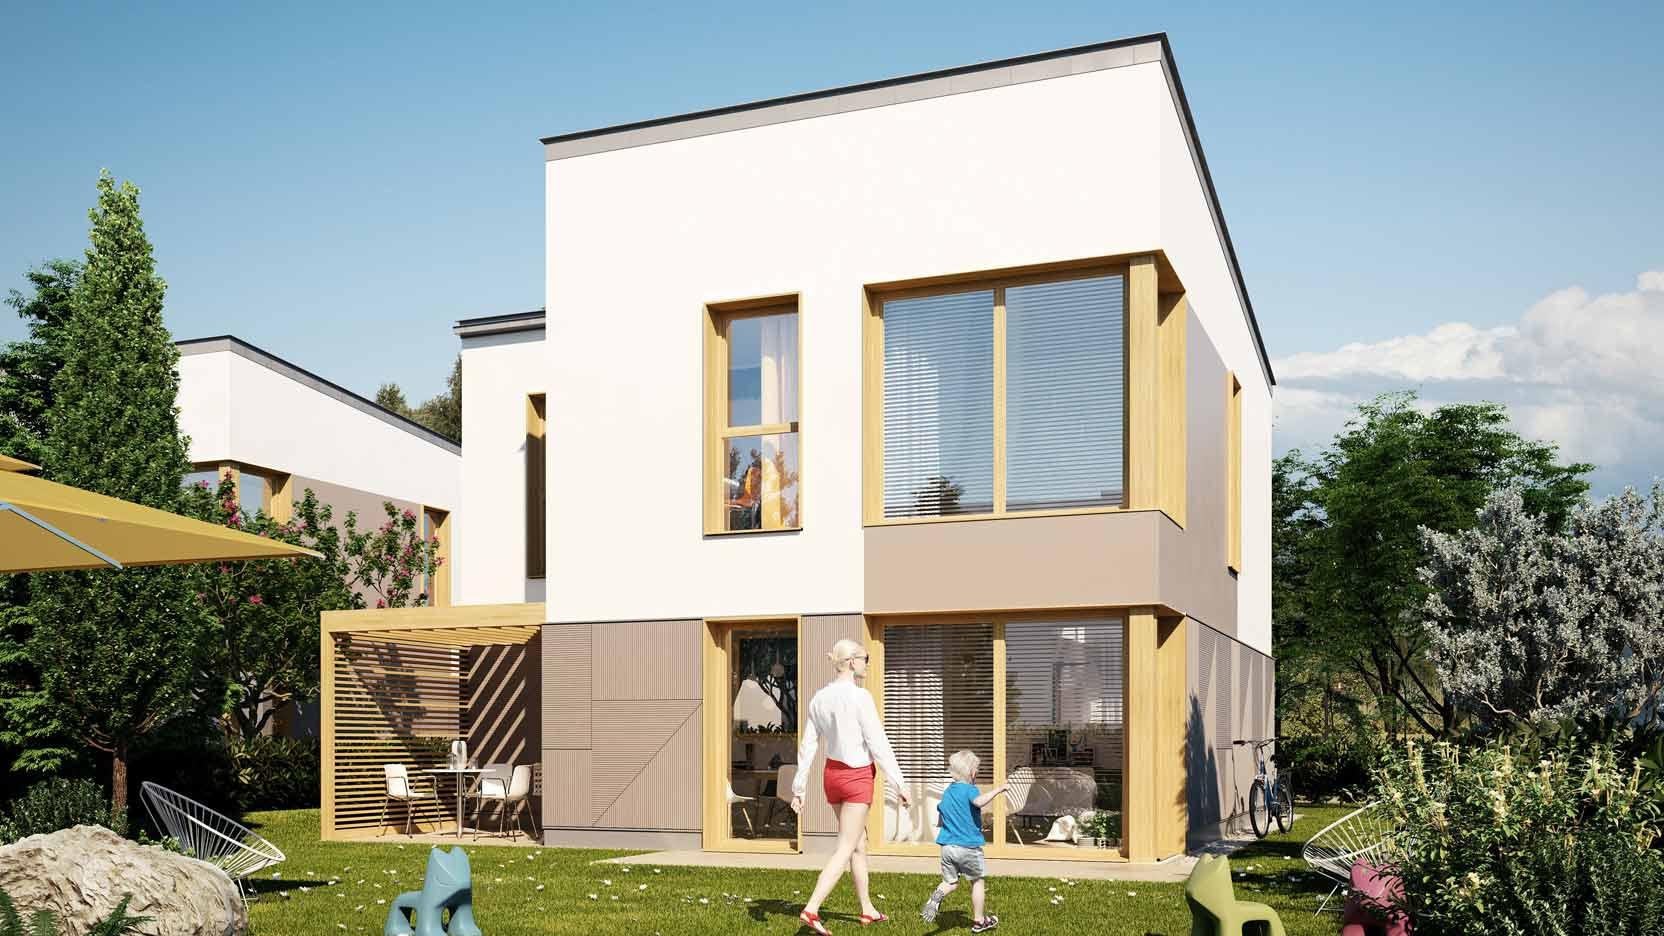 Garden Wood : Ossabois va construire 32 maisons individuelles groupées à Bussy Saint Georges, en Seine-et-Marne